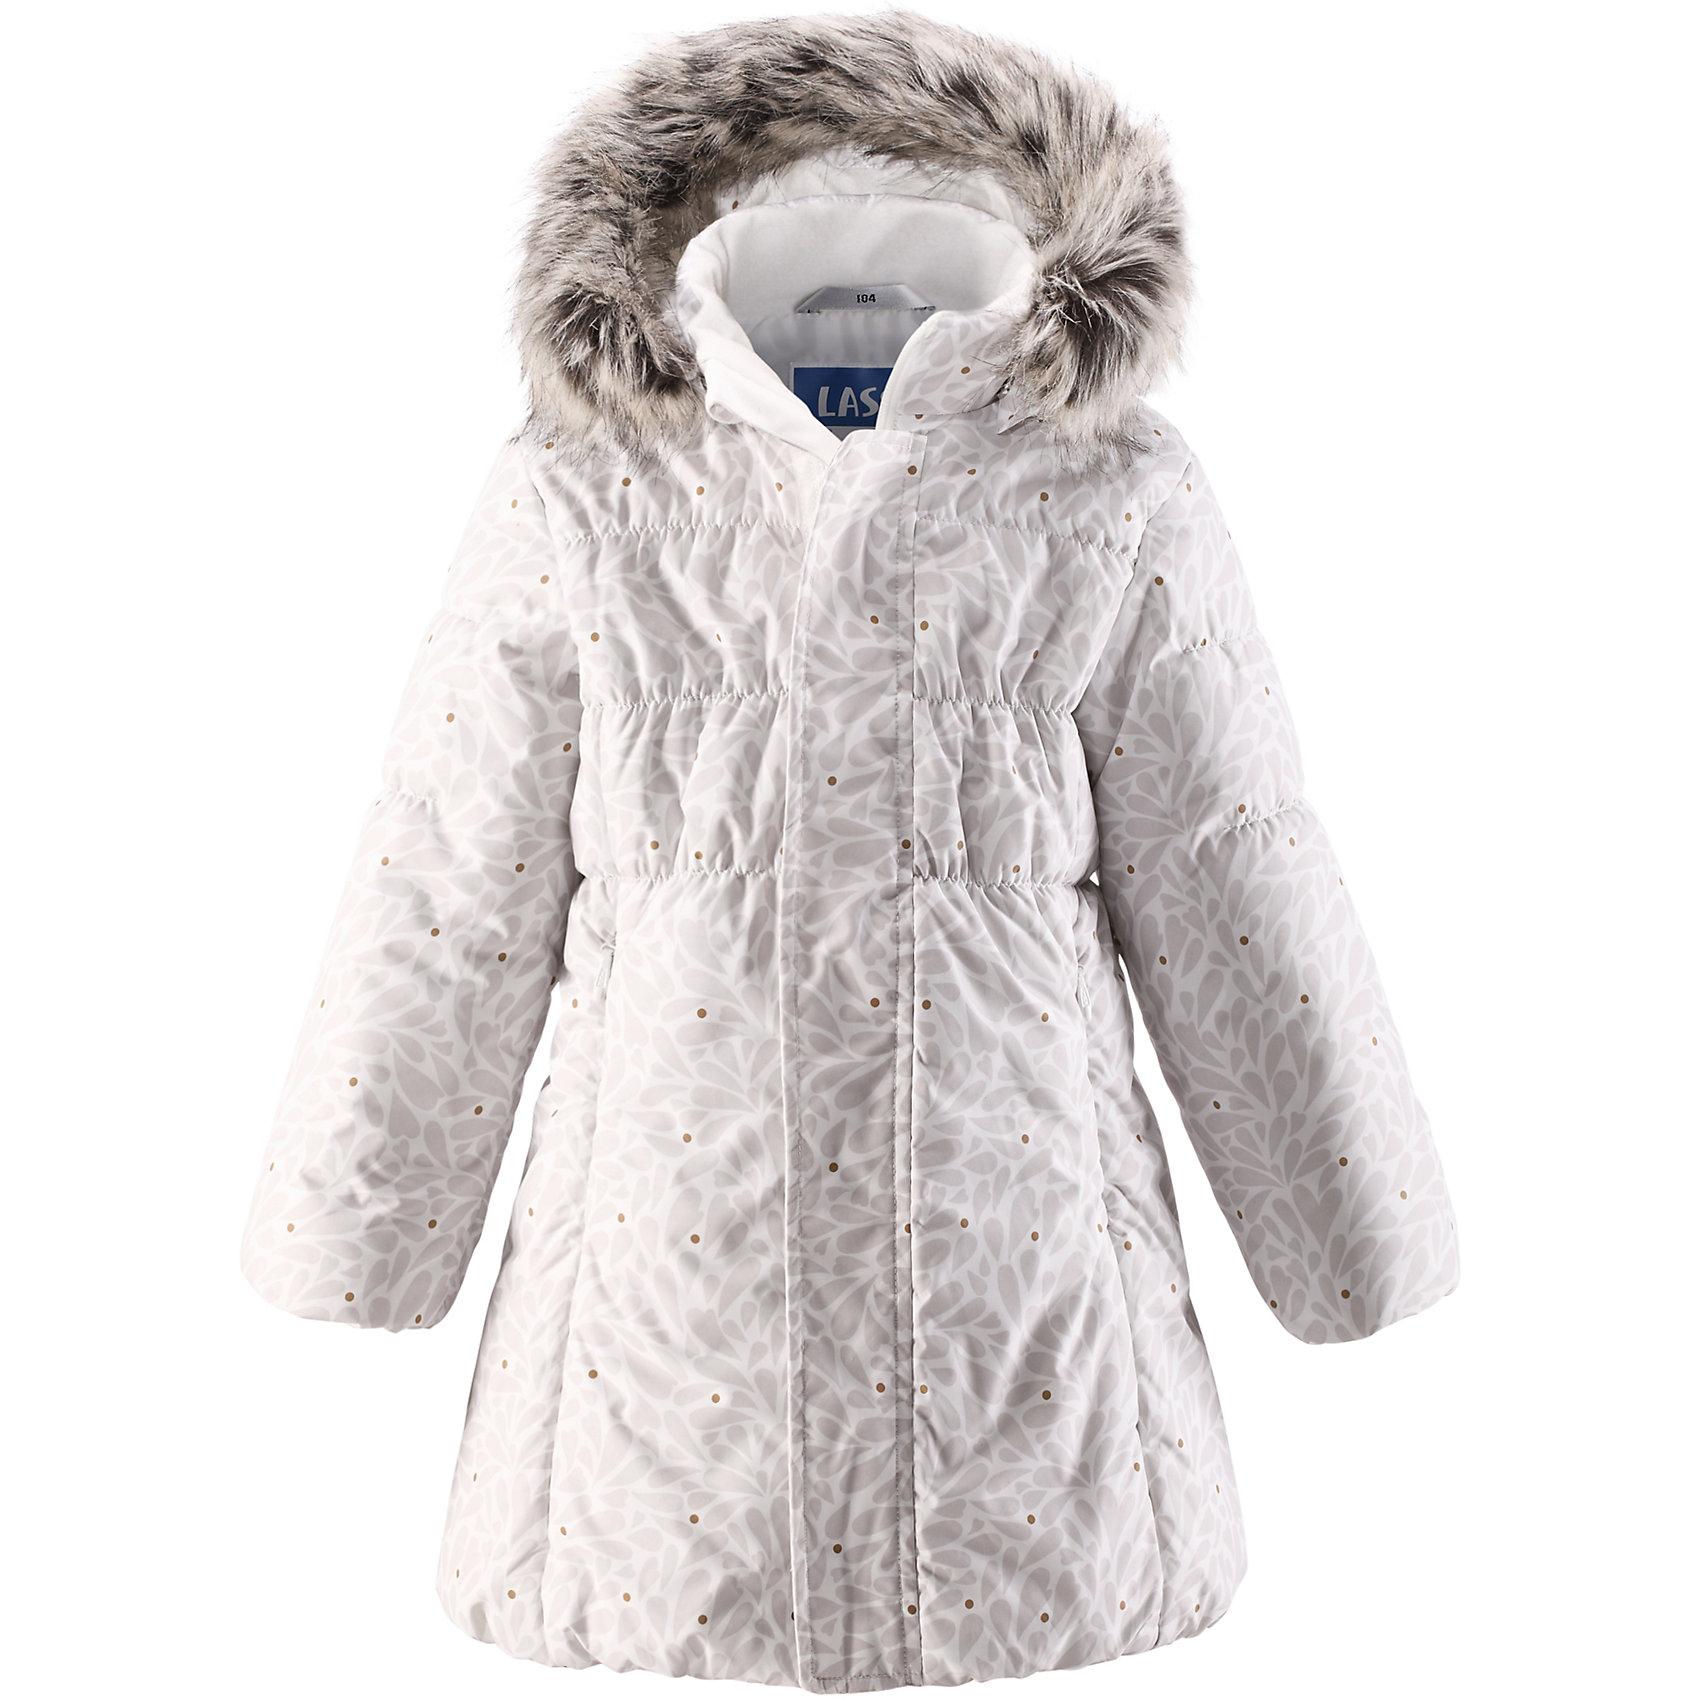 Пальто для девочки LASSIEОдежда<br>Зимнее пальто для детей известной финской марки.<br><br>- Водоотталкивающий, ветронепроницаемый, «дышащий» и грязеотталкивающий материал.<br>- Крой для девочек. <br>- Гладкая подкладка из полиэстра.<br>- Средняя степень утепления. <br>- Безопасный съемный капюшон с отсоединяемой меховой каймой из искусственного меха.<br>- Эластичные манжеты. <br>- Регулируемый обхват талии. <br>- Карманы с клапанами.  <br><br>Рекомендации по уходу: Стирать по отдельности, вывернув наизнанку. Перед стиркой отстегните искусственный мех. Застегнуть молнии и липучки. Соблюдать температуру в соответствии с руководством по уходу. Стирать моющим средством, не содержащим отбеливающие вещества. Полоскать без специального средства. Сушение в сушильном шкафу разрешено при  низкой температуре.<br><br>Состав: 100% Полиамид, полиуретановое покрытие.  Утеплитель «Lassie wadding» 200гр.<br><br>Ширина мм: 356<br>Глубина мм: 10<br>Высота мм: 245<br>Вес г: 519<br>Цвет: белый<br>Возраст от месяцев: 48<br>Возраст до месяцев: 60<br>Пол: Женский<br>Возраст: Детский<br>Размер: 134,110,140,92,98,104,116,128,122<br>SKU: 4782368